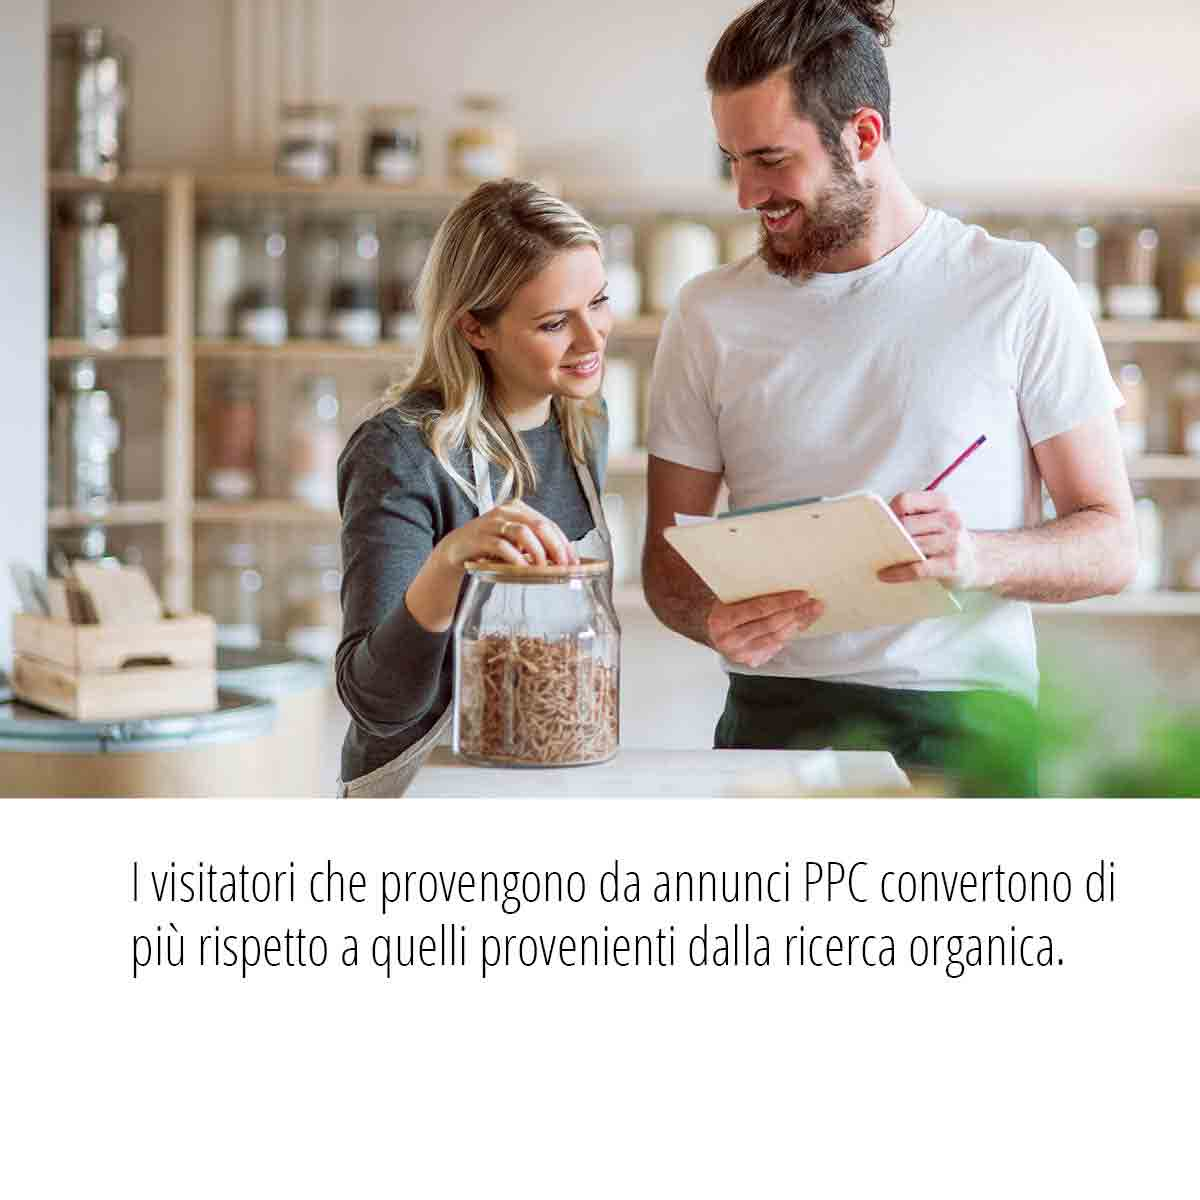 Statistiche Campagne PPC i visitatori che provengono da annunci PPC convertono di più rispetto a quelli provenienti dalla ricerca organica